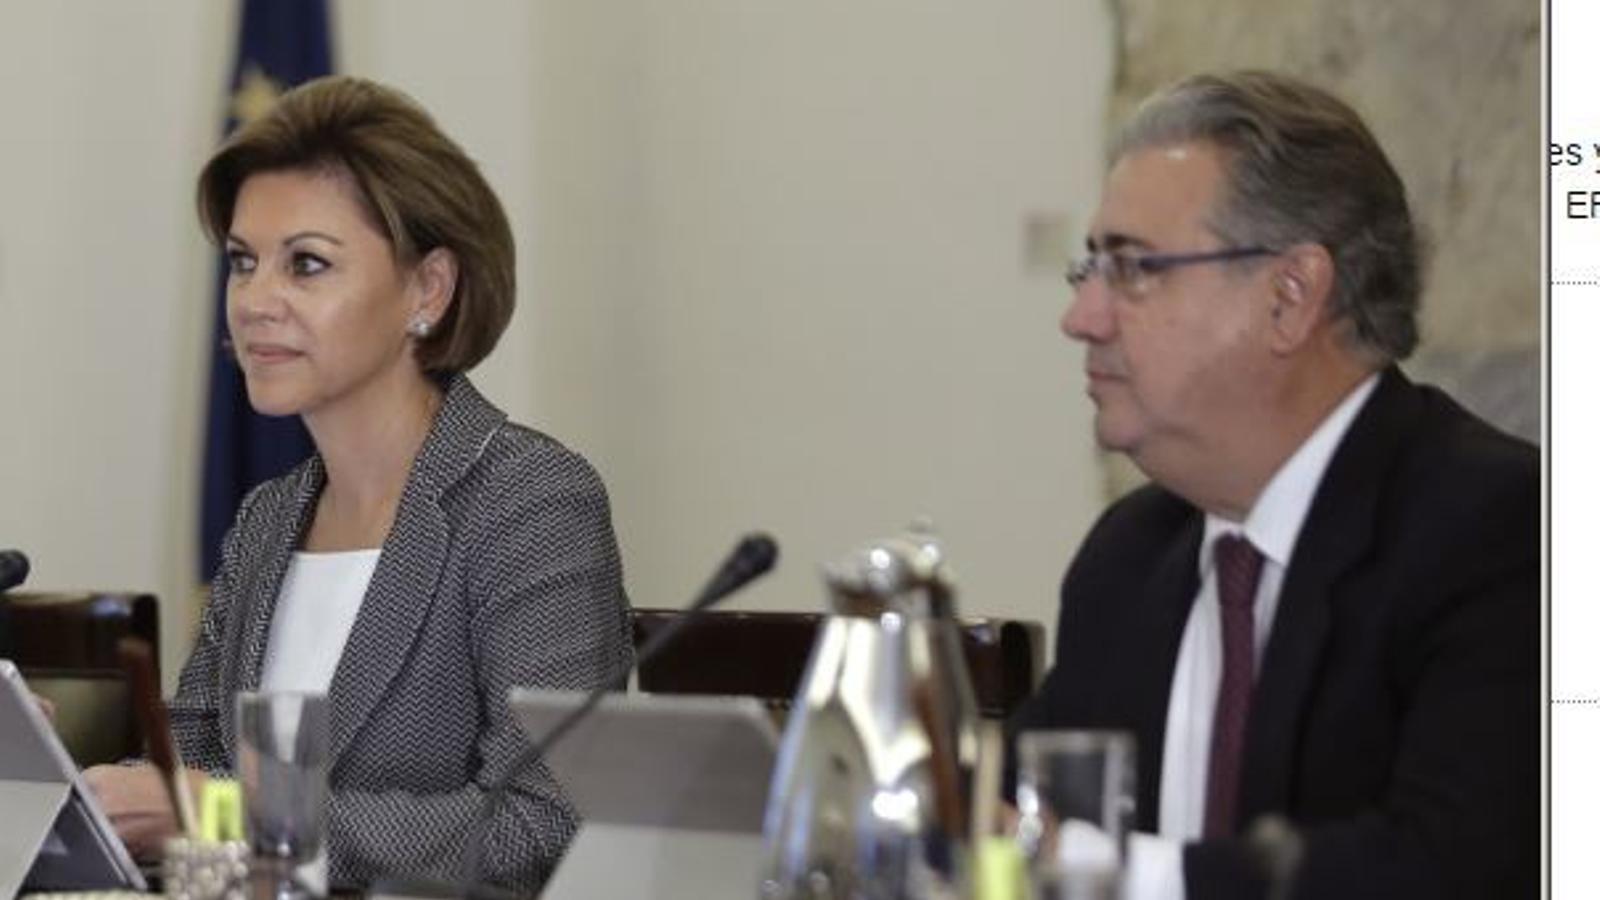 Els ministres de l'Interior, Juan Ignacio Zoido, i de Defensa, María Dolores de Cospedal